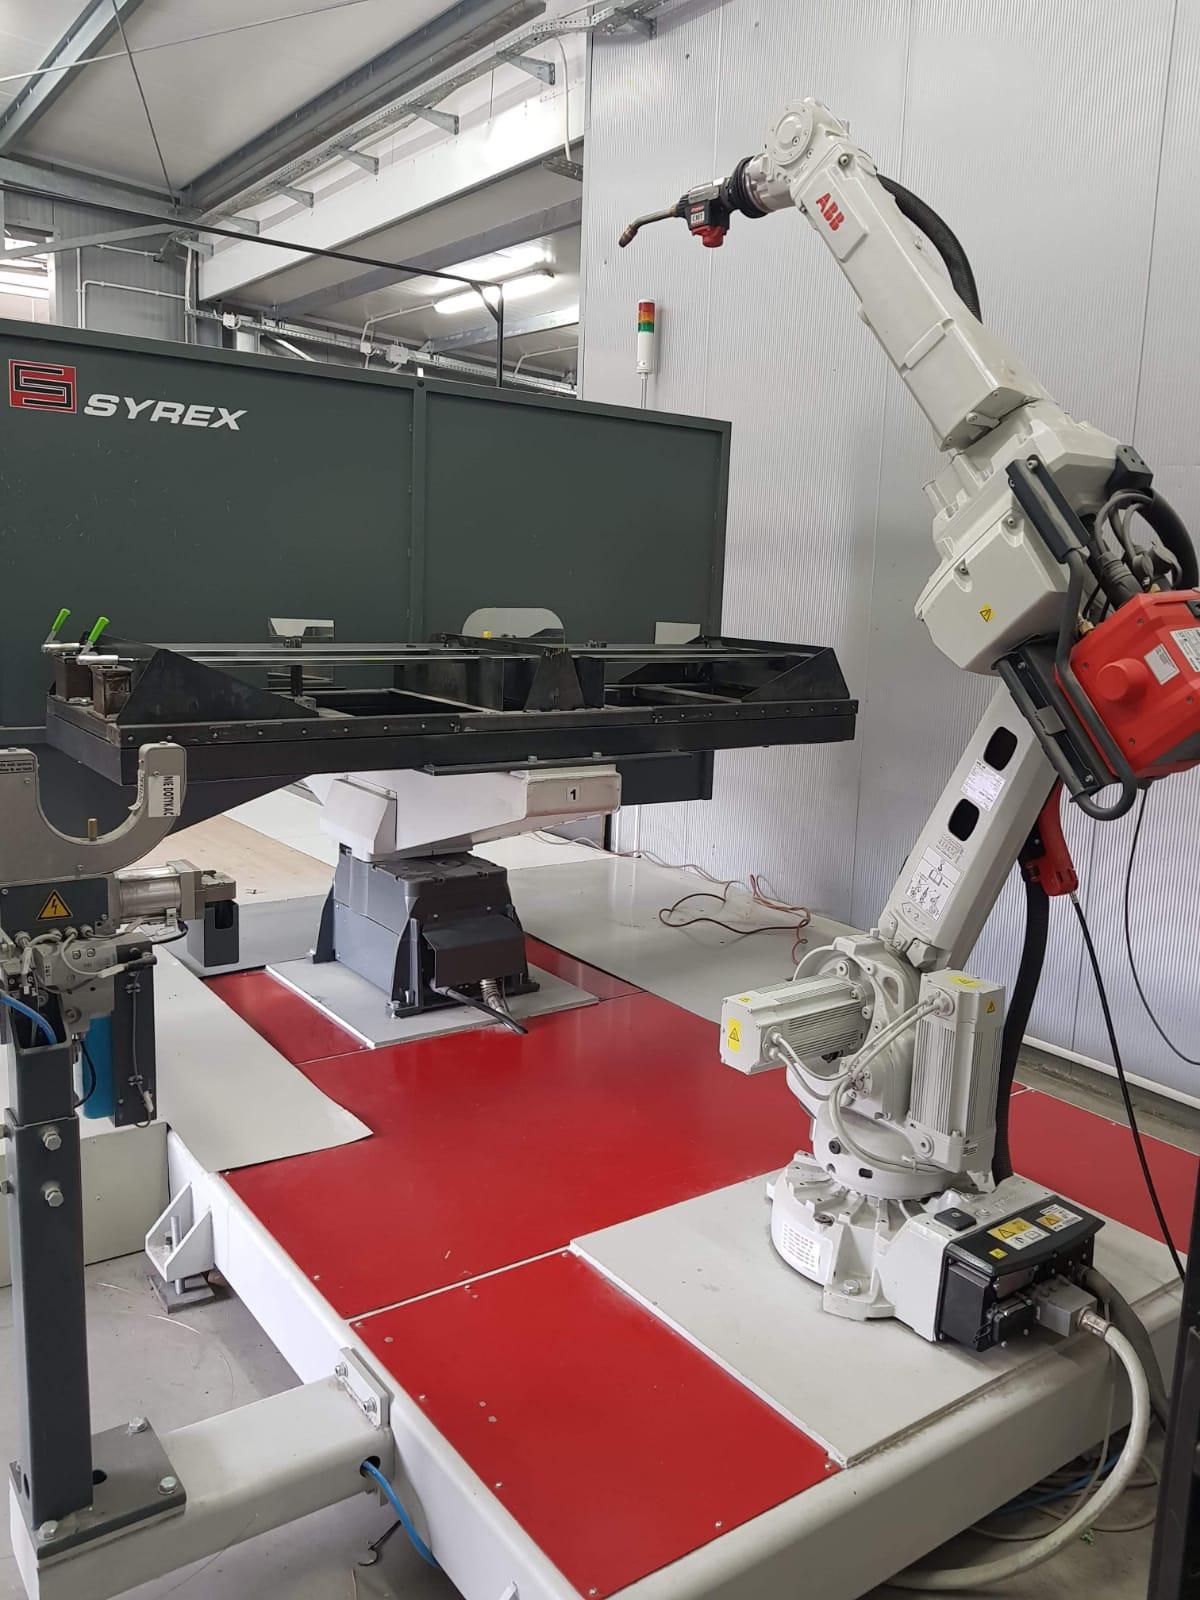 Ogromnie Robot do spawania | P.W. SYREX - maszyny, urządzenia, usługi, serwis. WY16